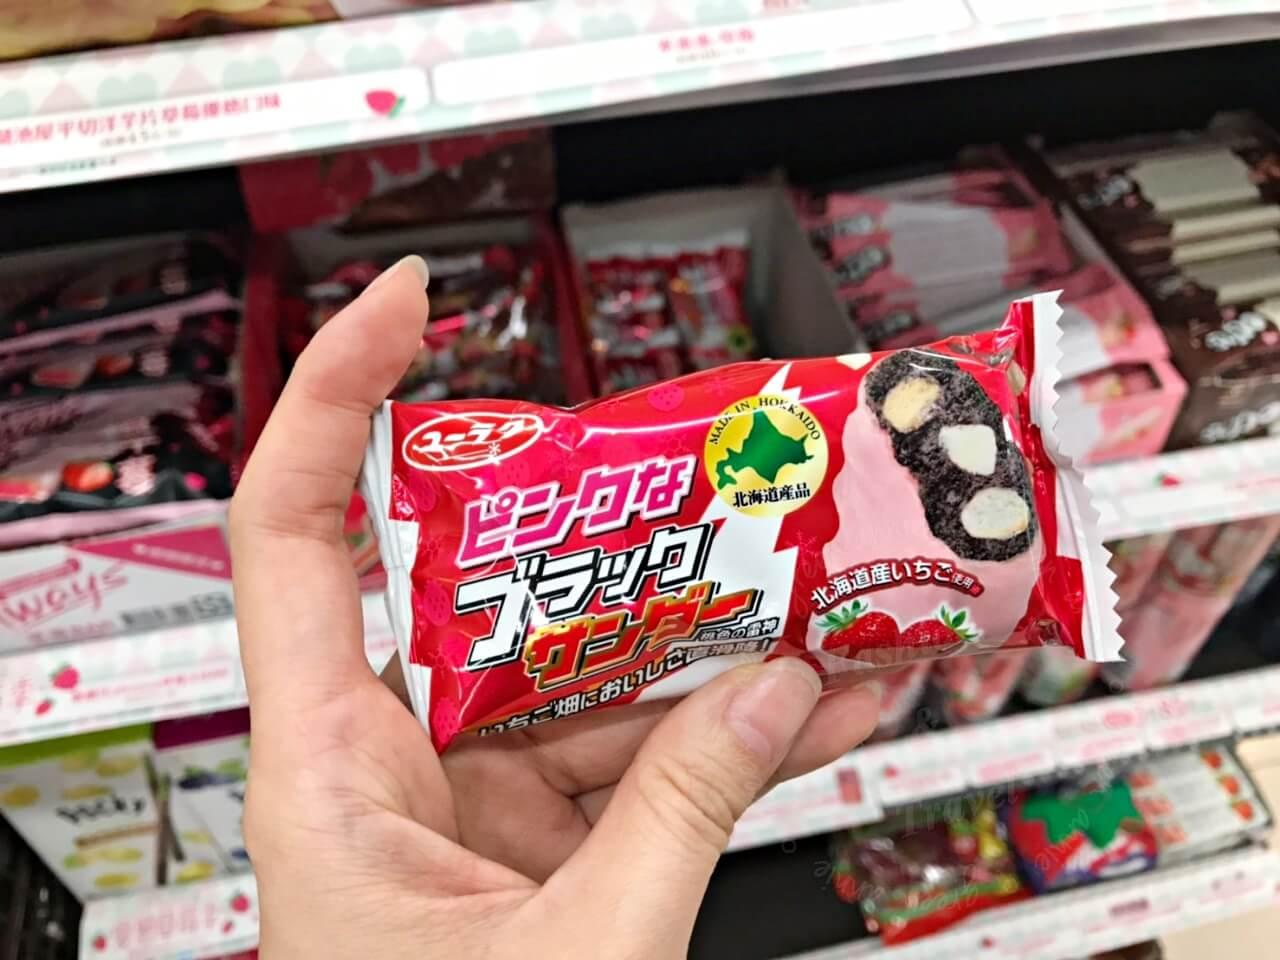 7-11粉紅零食專區,愛戀草莓季充滿粉紅泡泡的草莓口味